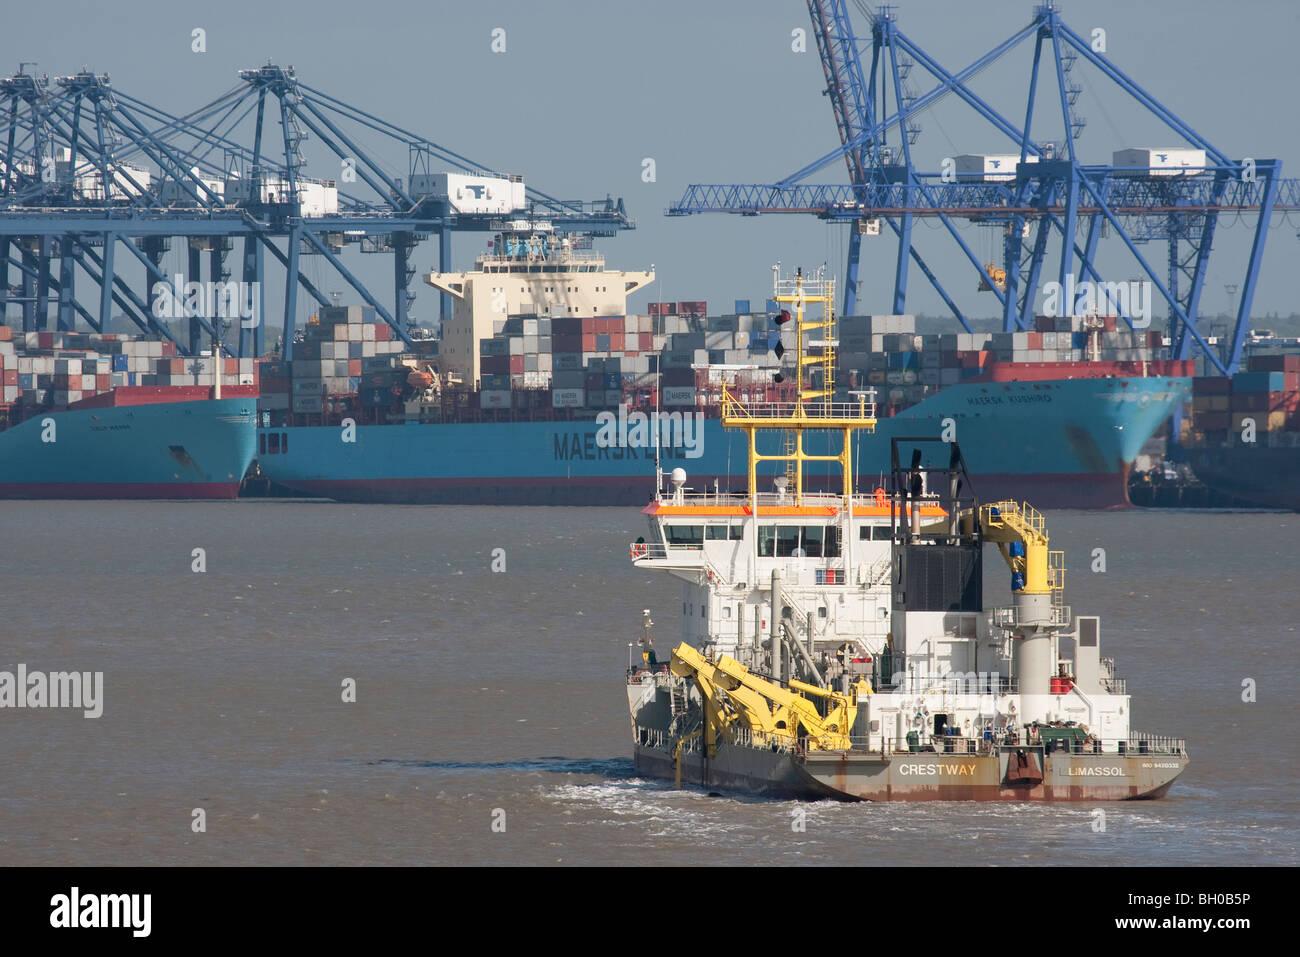 Port of Felixstowe. - Stock Image